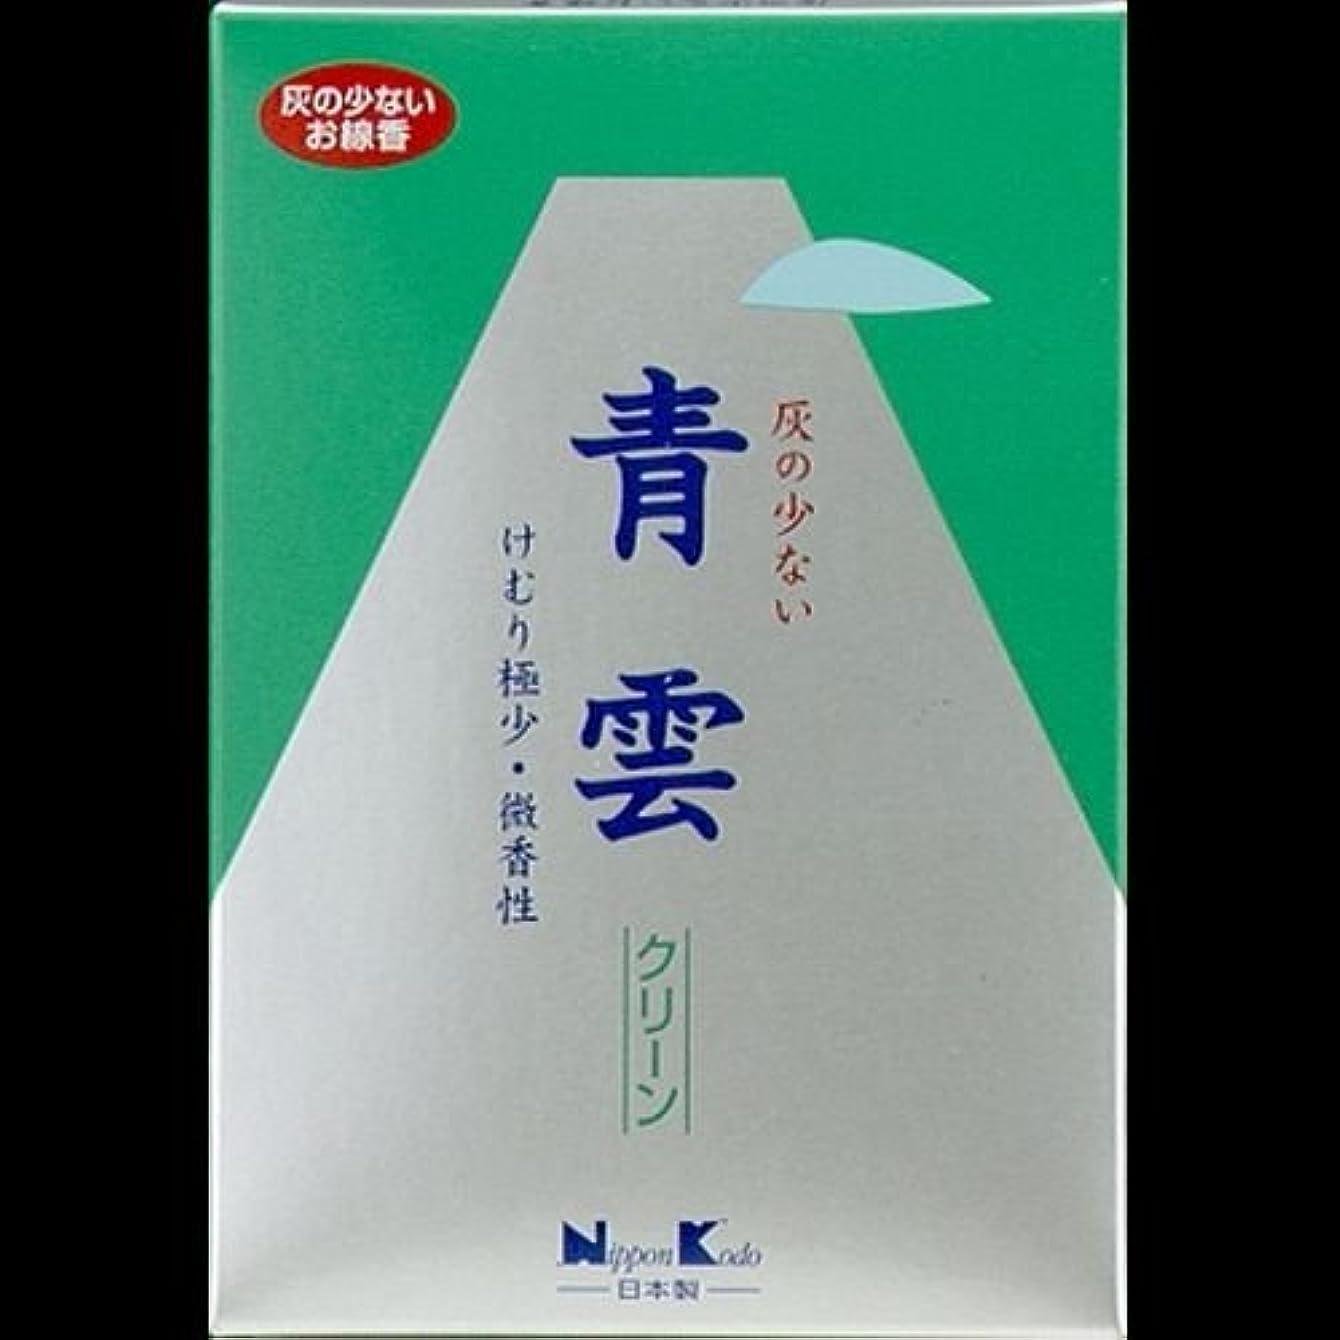 伝染性の暴動座る【まとめ買い】青雲 クリーン 大型バラ #23702 ×2セット